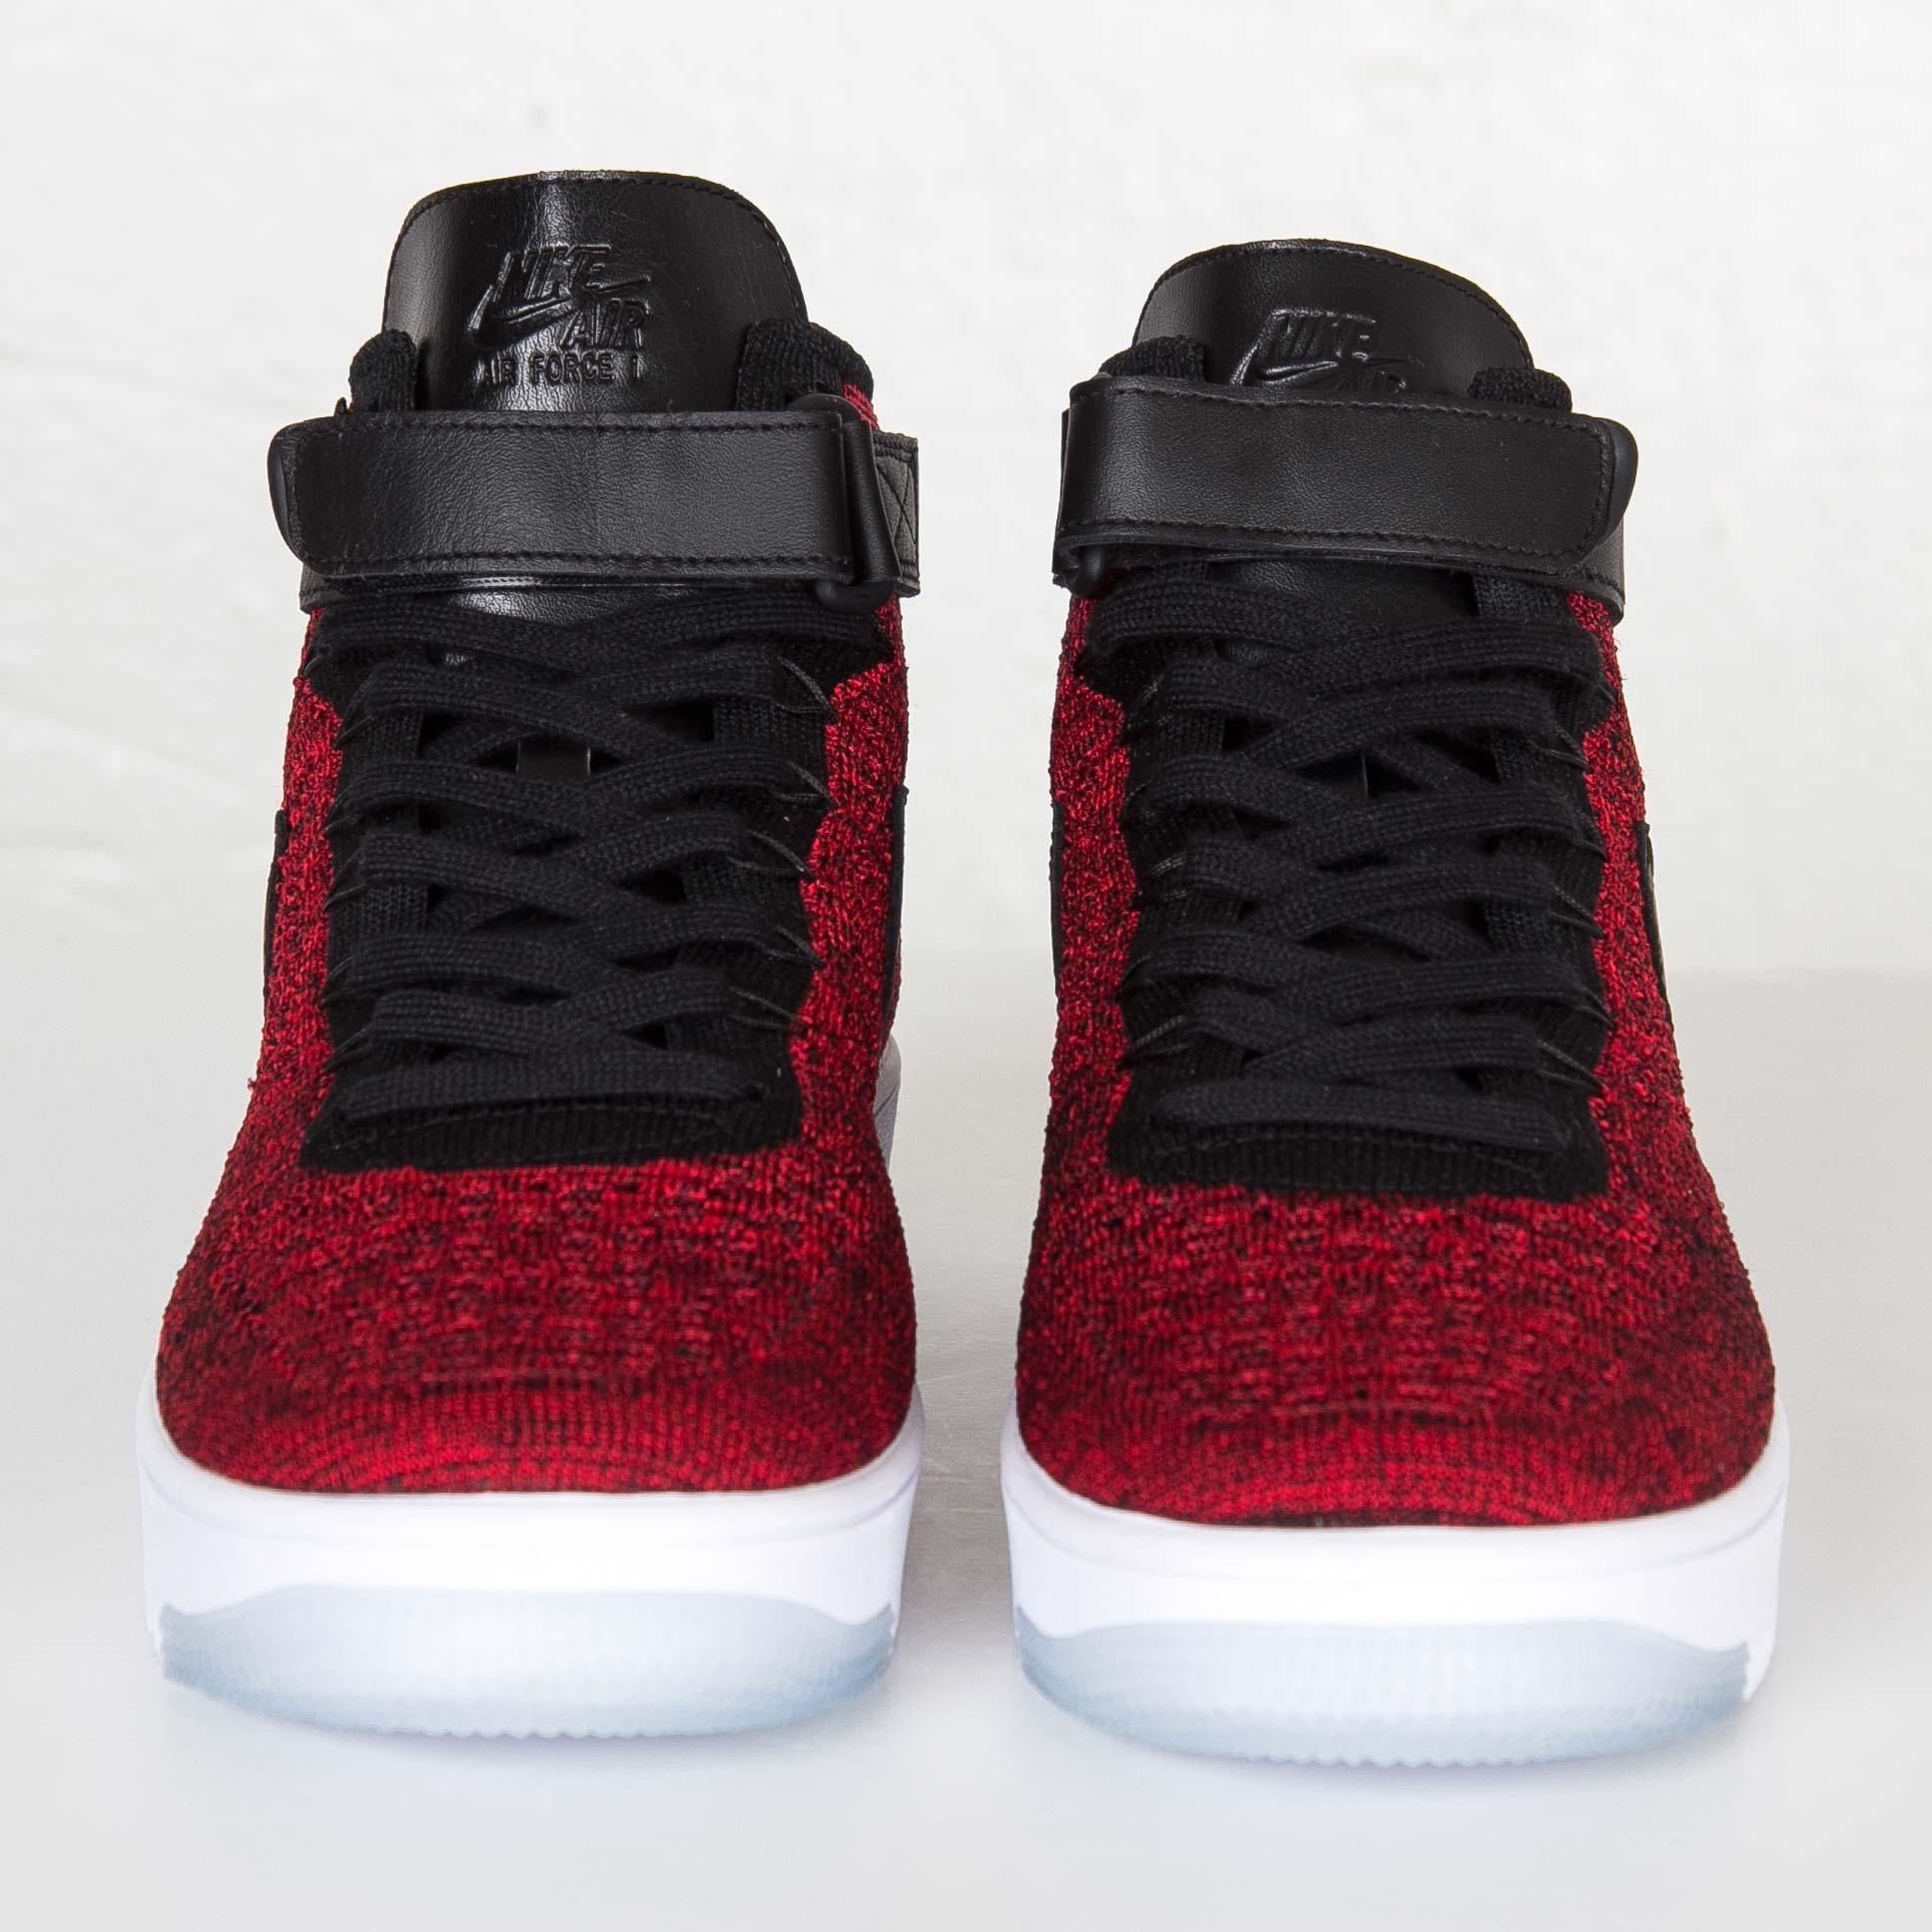 super popular 44c30 3dde0 Nike AF1 Ultra Flyknit Mid - 817420-600 - Sneakersnstuff   sneakers    streetwear online since 1999